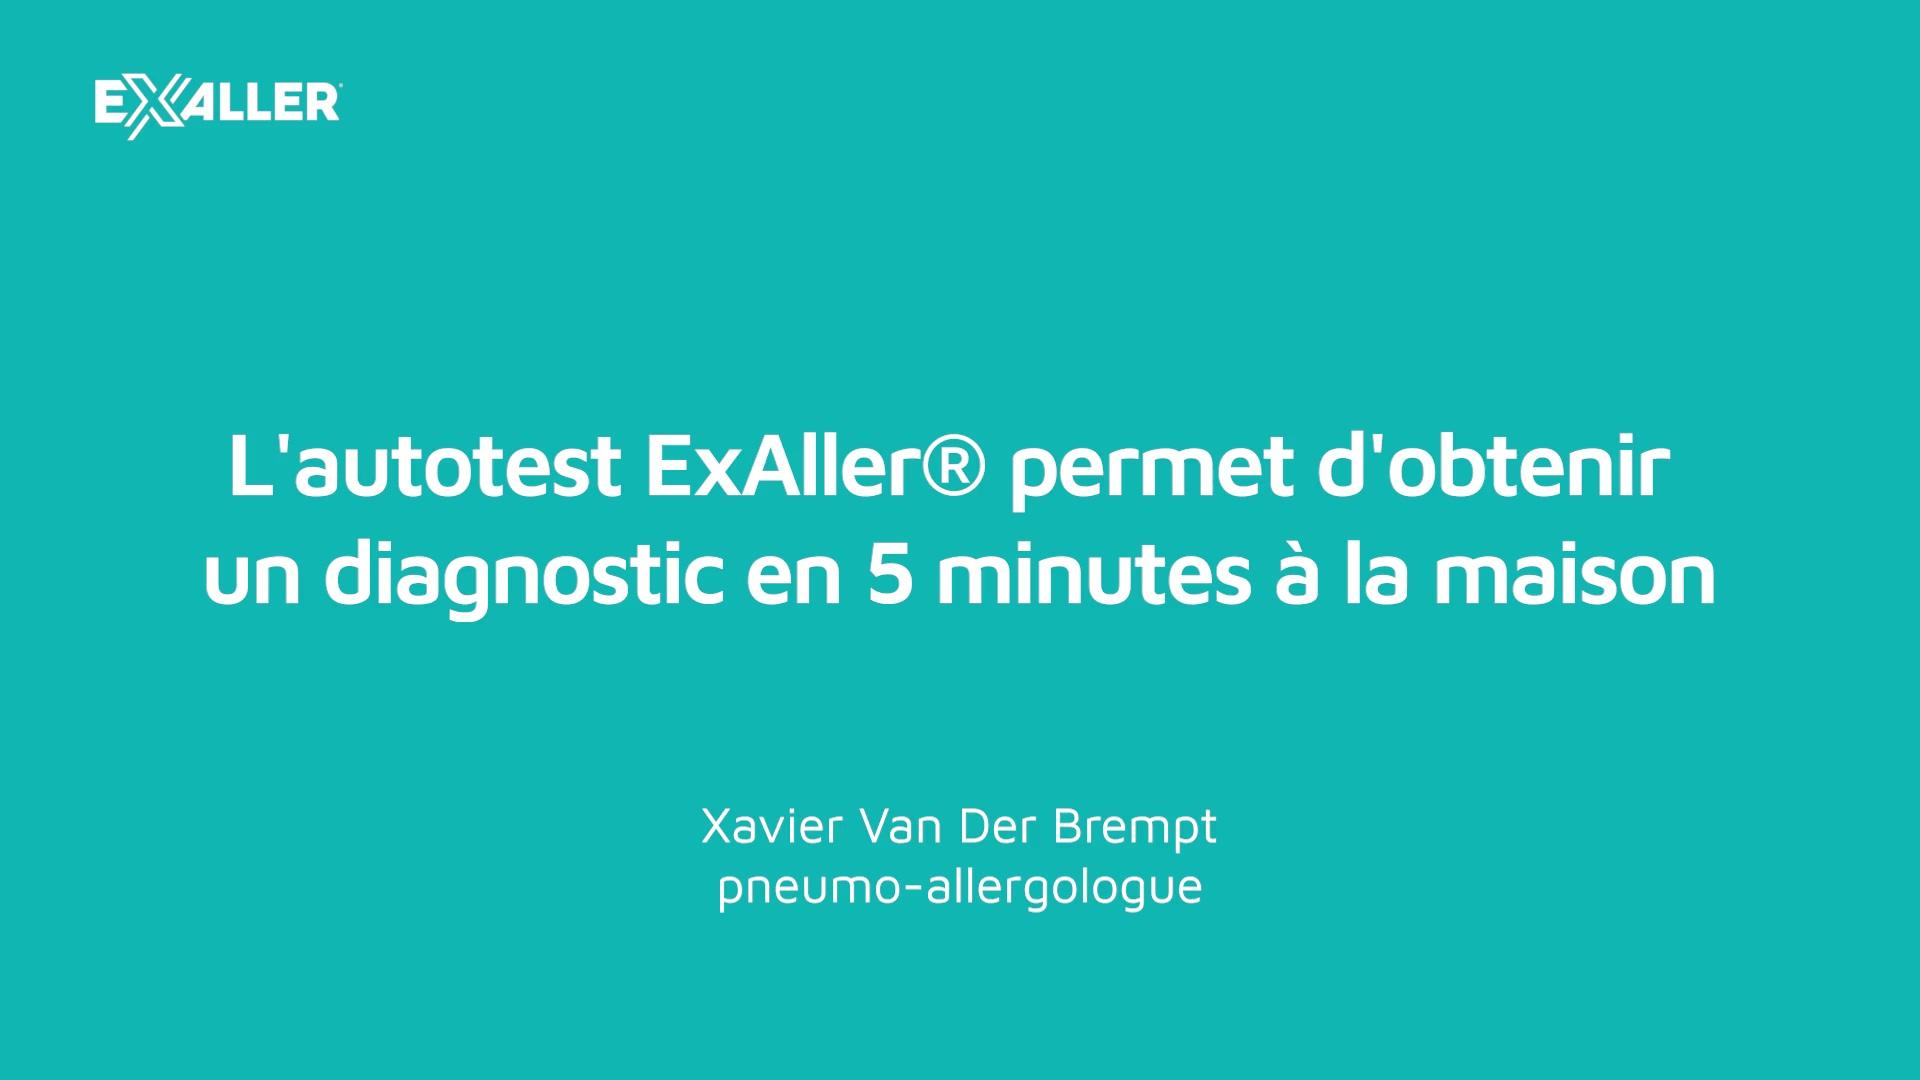 X11 Lautotest ExAller donne un diagnostic en 5 minutes à la maison